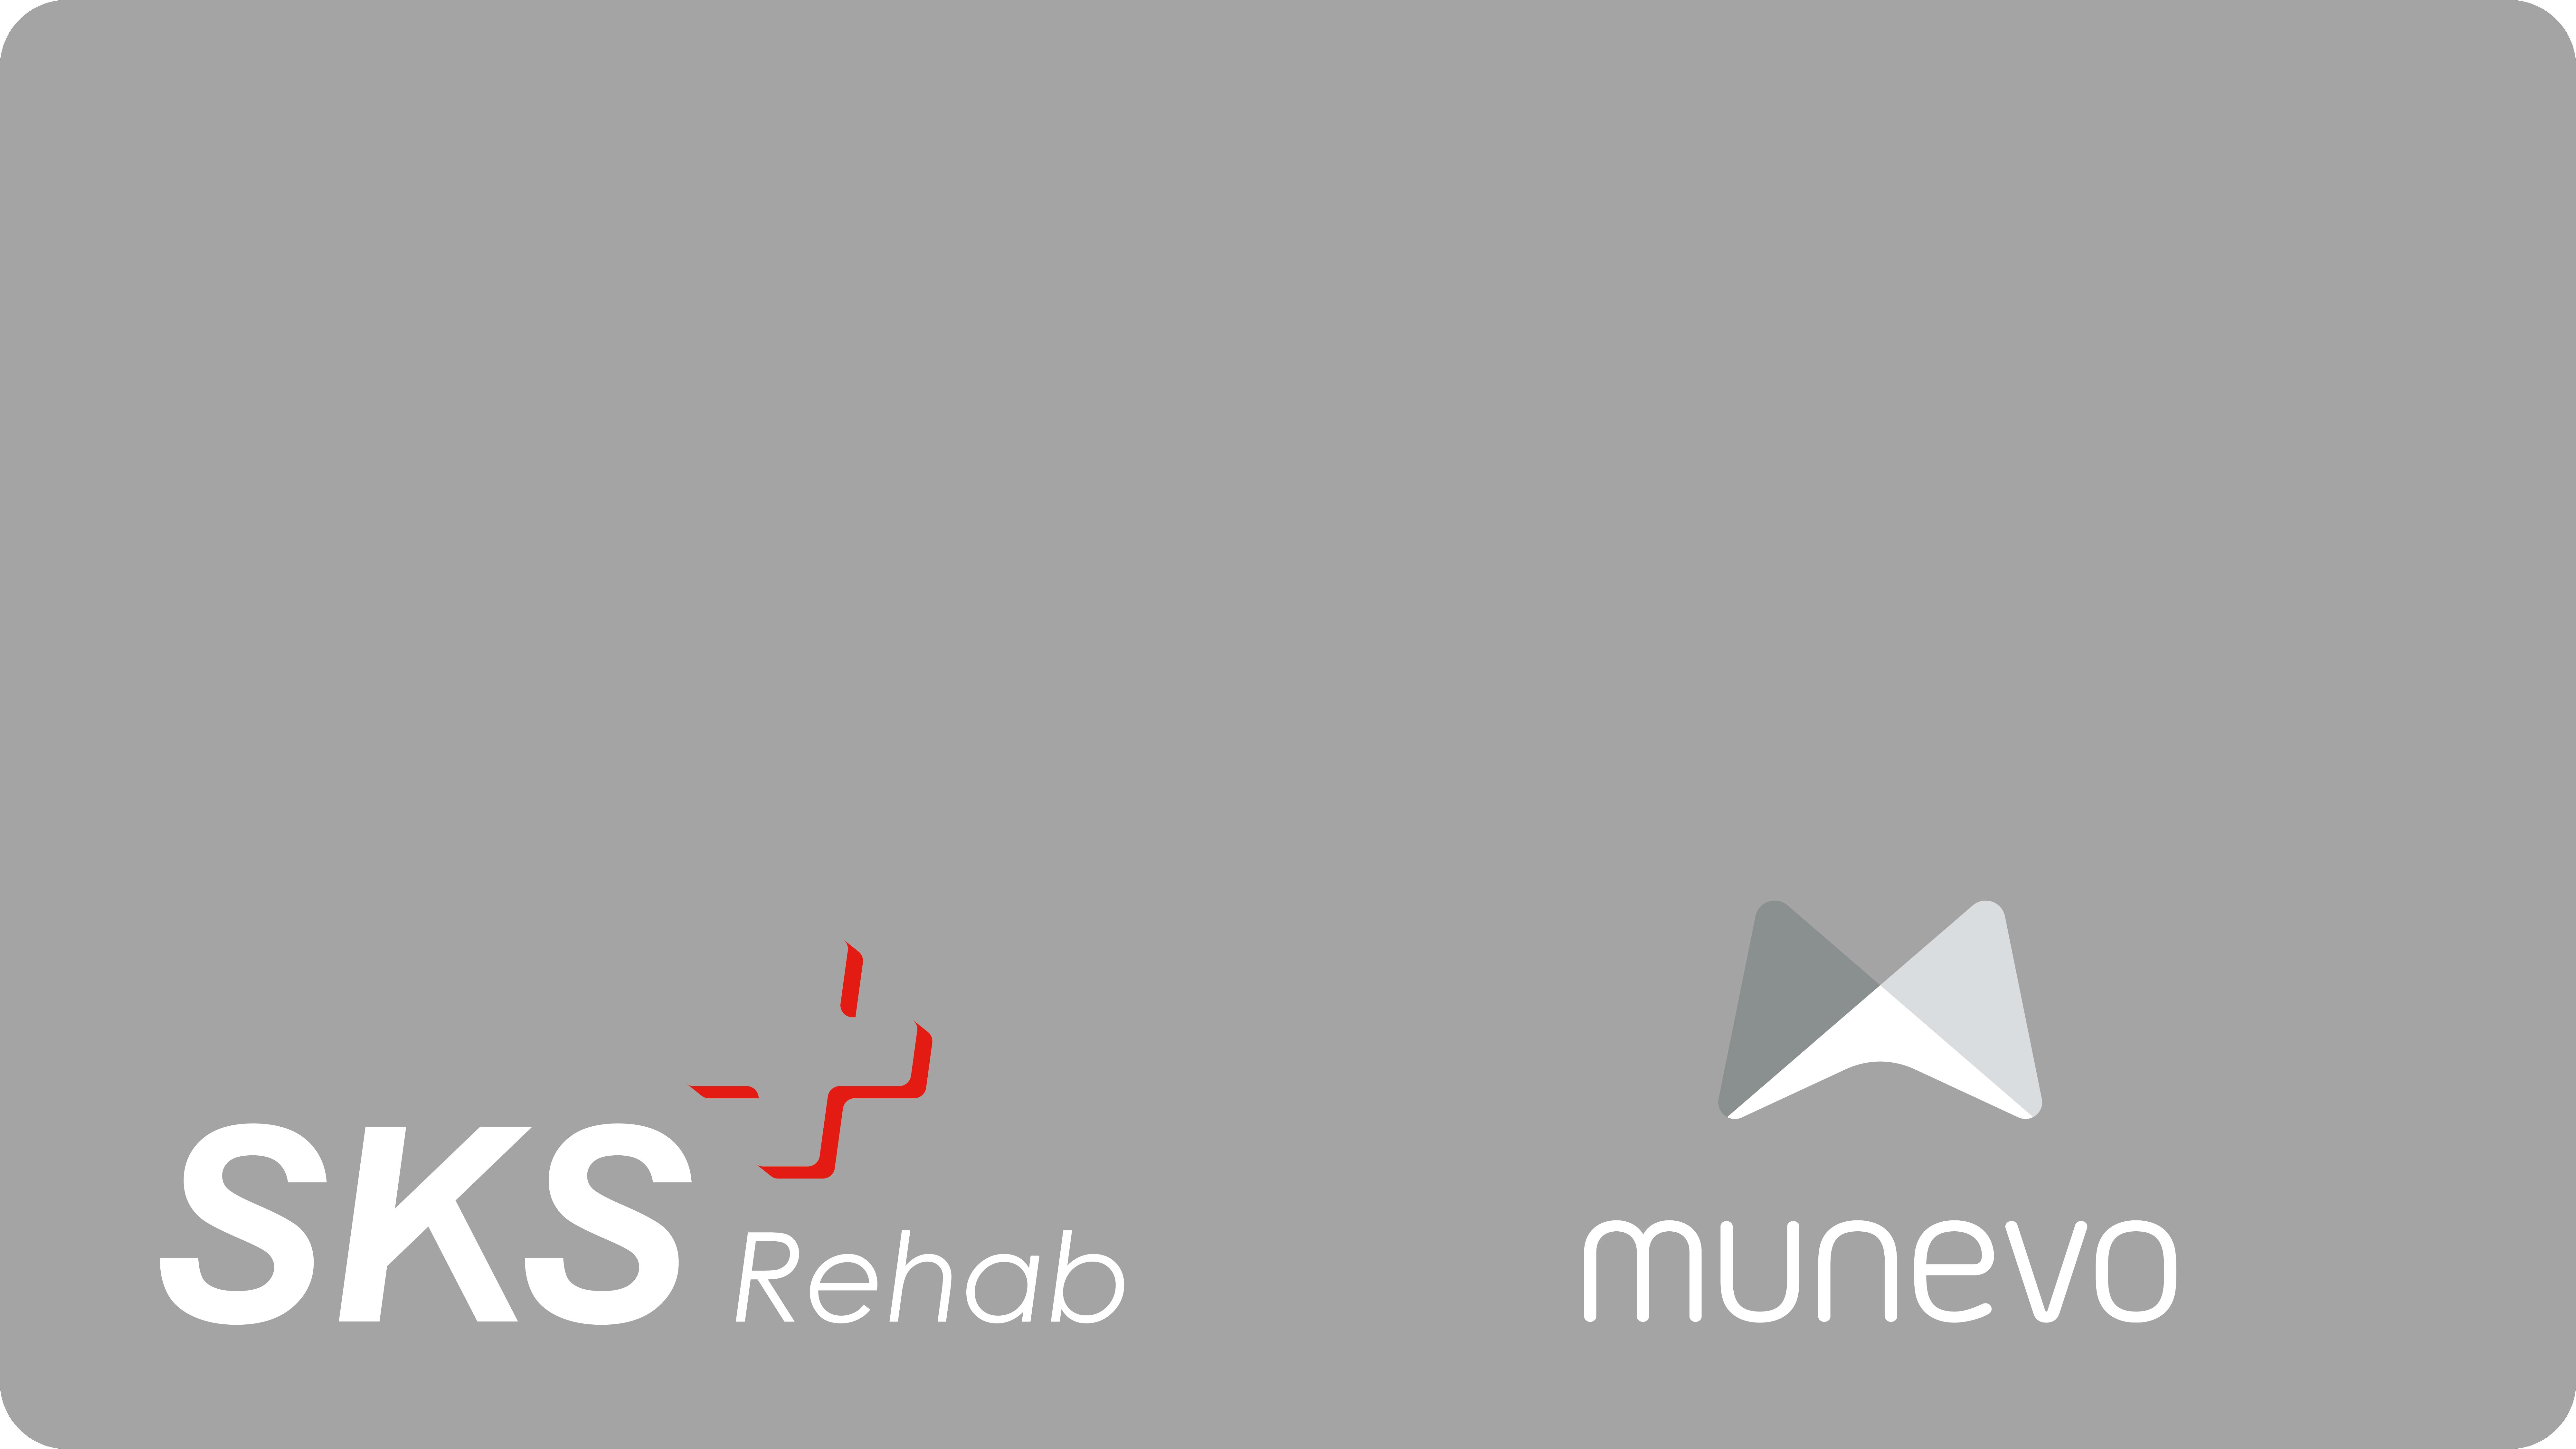 SKS Rehab – Neuer Vertriebspartner von munevo